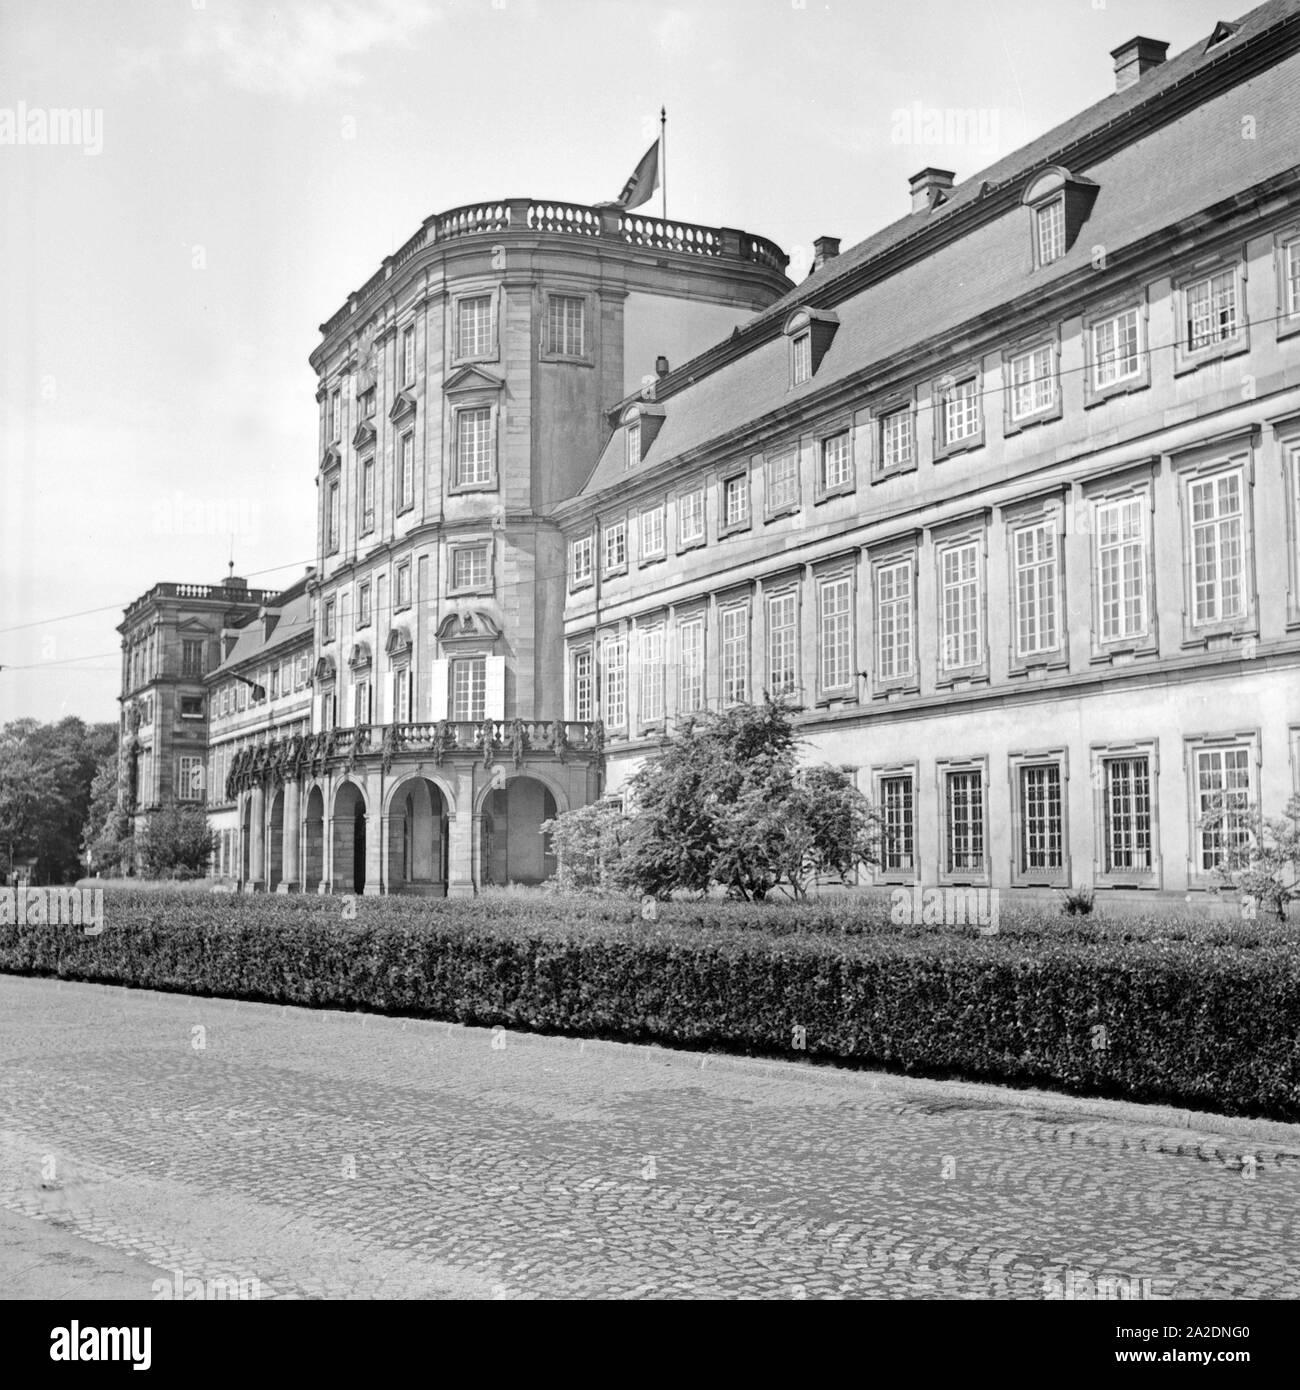 Frontseite des Schlosses in Mannheim, Deutschland 1930er Jahr. Front of Mannheim castle, Germany 1930s. Stock Photo